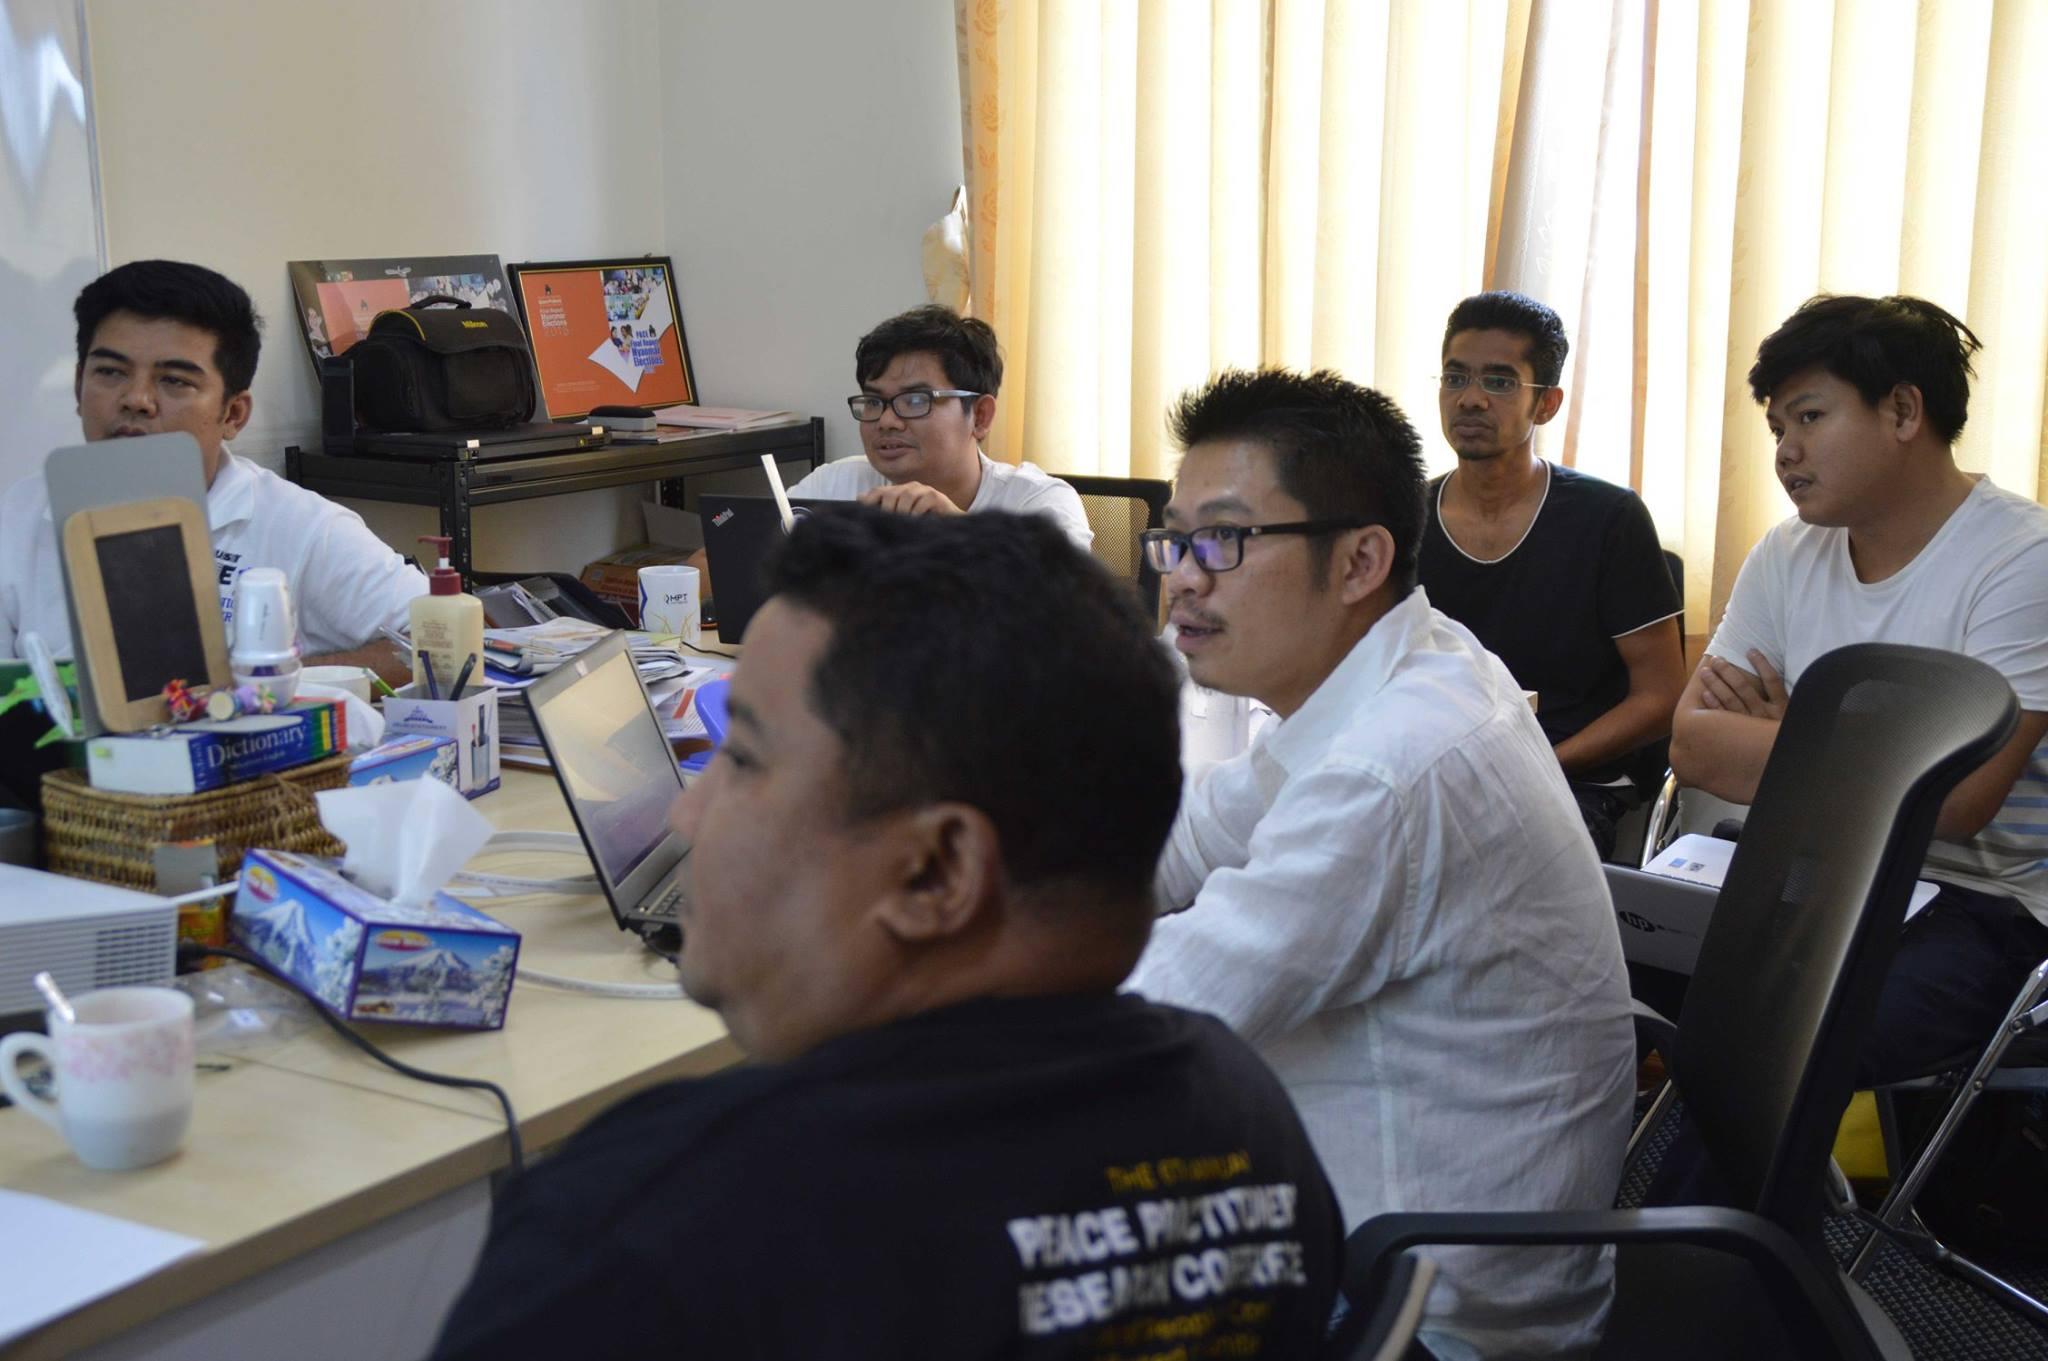 ပဲခူးတိုင်းဒေသကြီးအတွင်းရှိ ရပ်ကွက်/ကျေးရွာအုပ်စု အုပ်ချုပ်ရေးမှူးများ ရွေးချယ်ခြင်းအား စောင့်ကြည့်လေ့လာမှု ဖြစ်စဉ်တွင် PACE အဖွဲ့၏ ပါဝင်ဆောင်ရွက်မှု